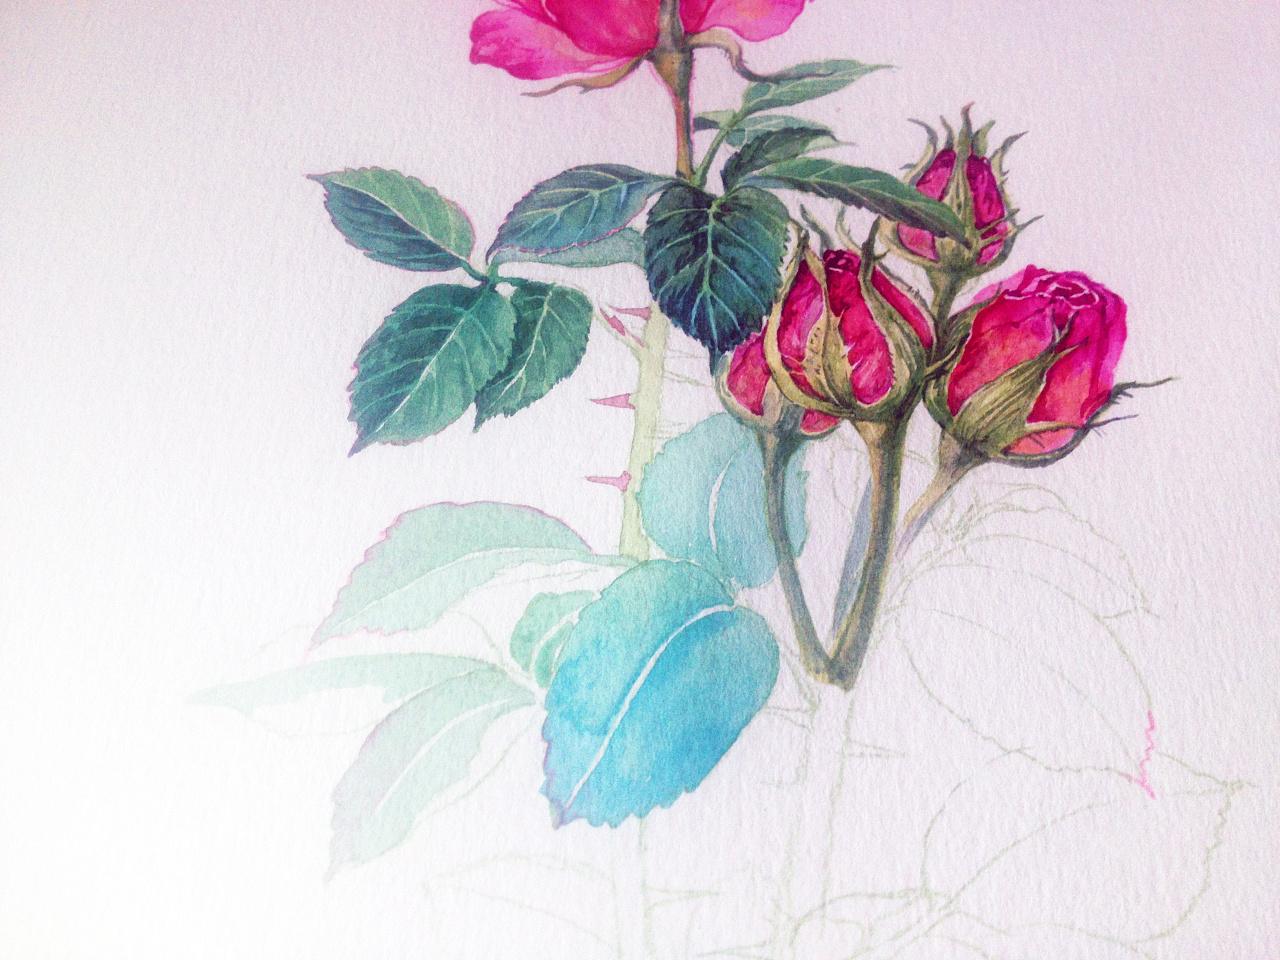 几种植物花卉的水彩画步骤